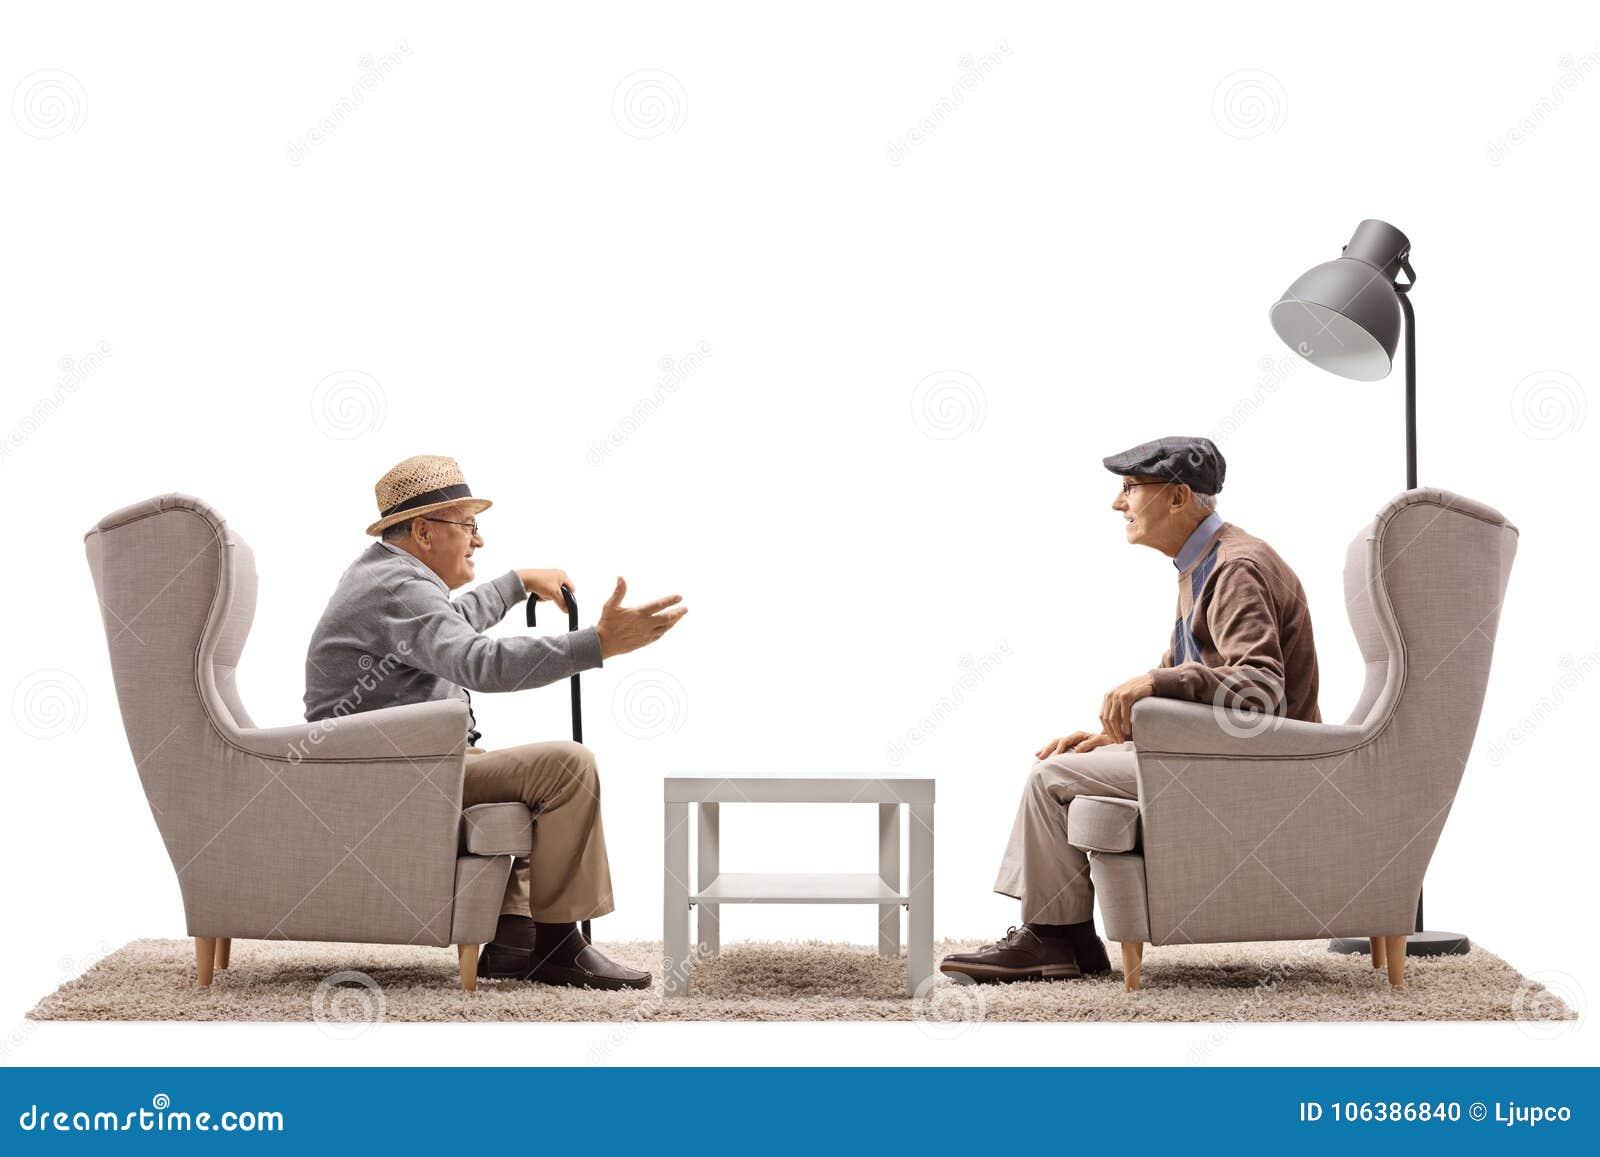 Zwei ältere Männer gesetzt in den Lehnsesseln, die ein Gespräch haben